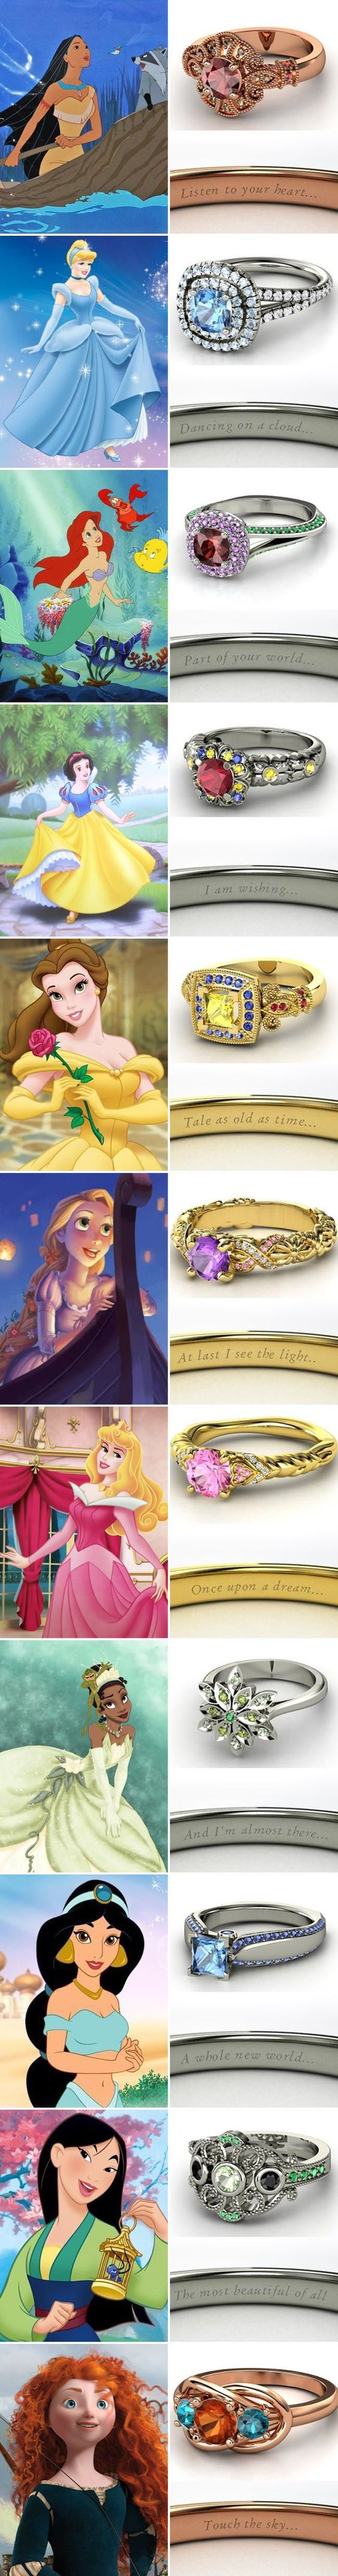 OMGOMGOMGOMGOMG!!!!!!!!!!!!!!!!!!!!!!!!!!!!!!!!!!!!!!!!!!!!!!!!!!!! I love love love Rapunzel's and Aurora's!